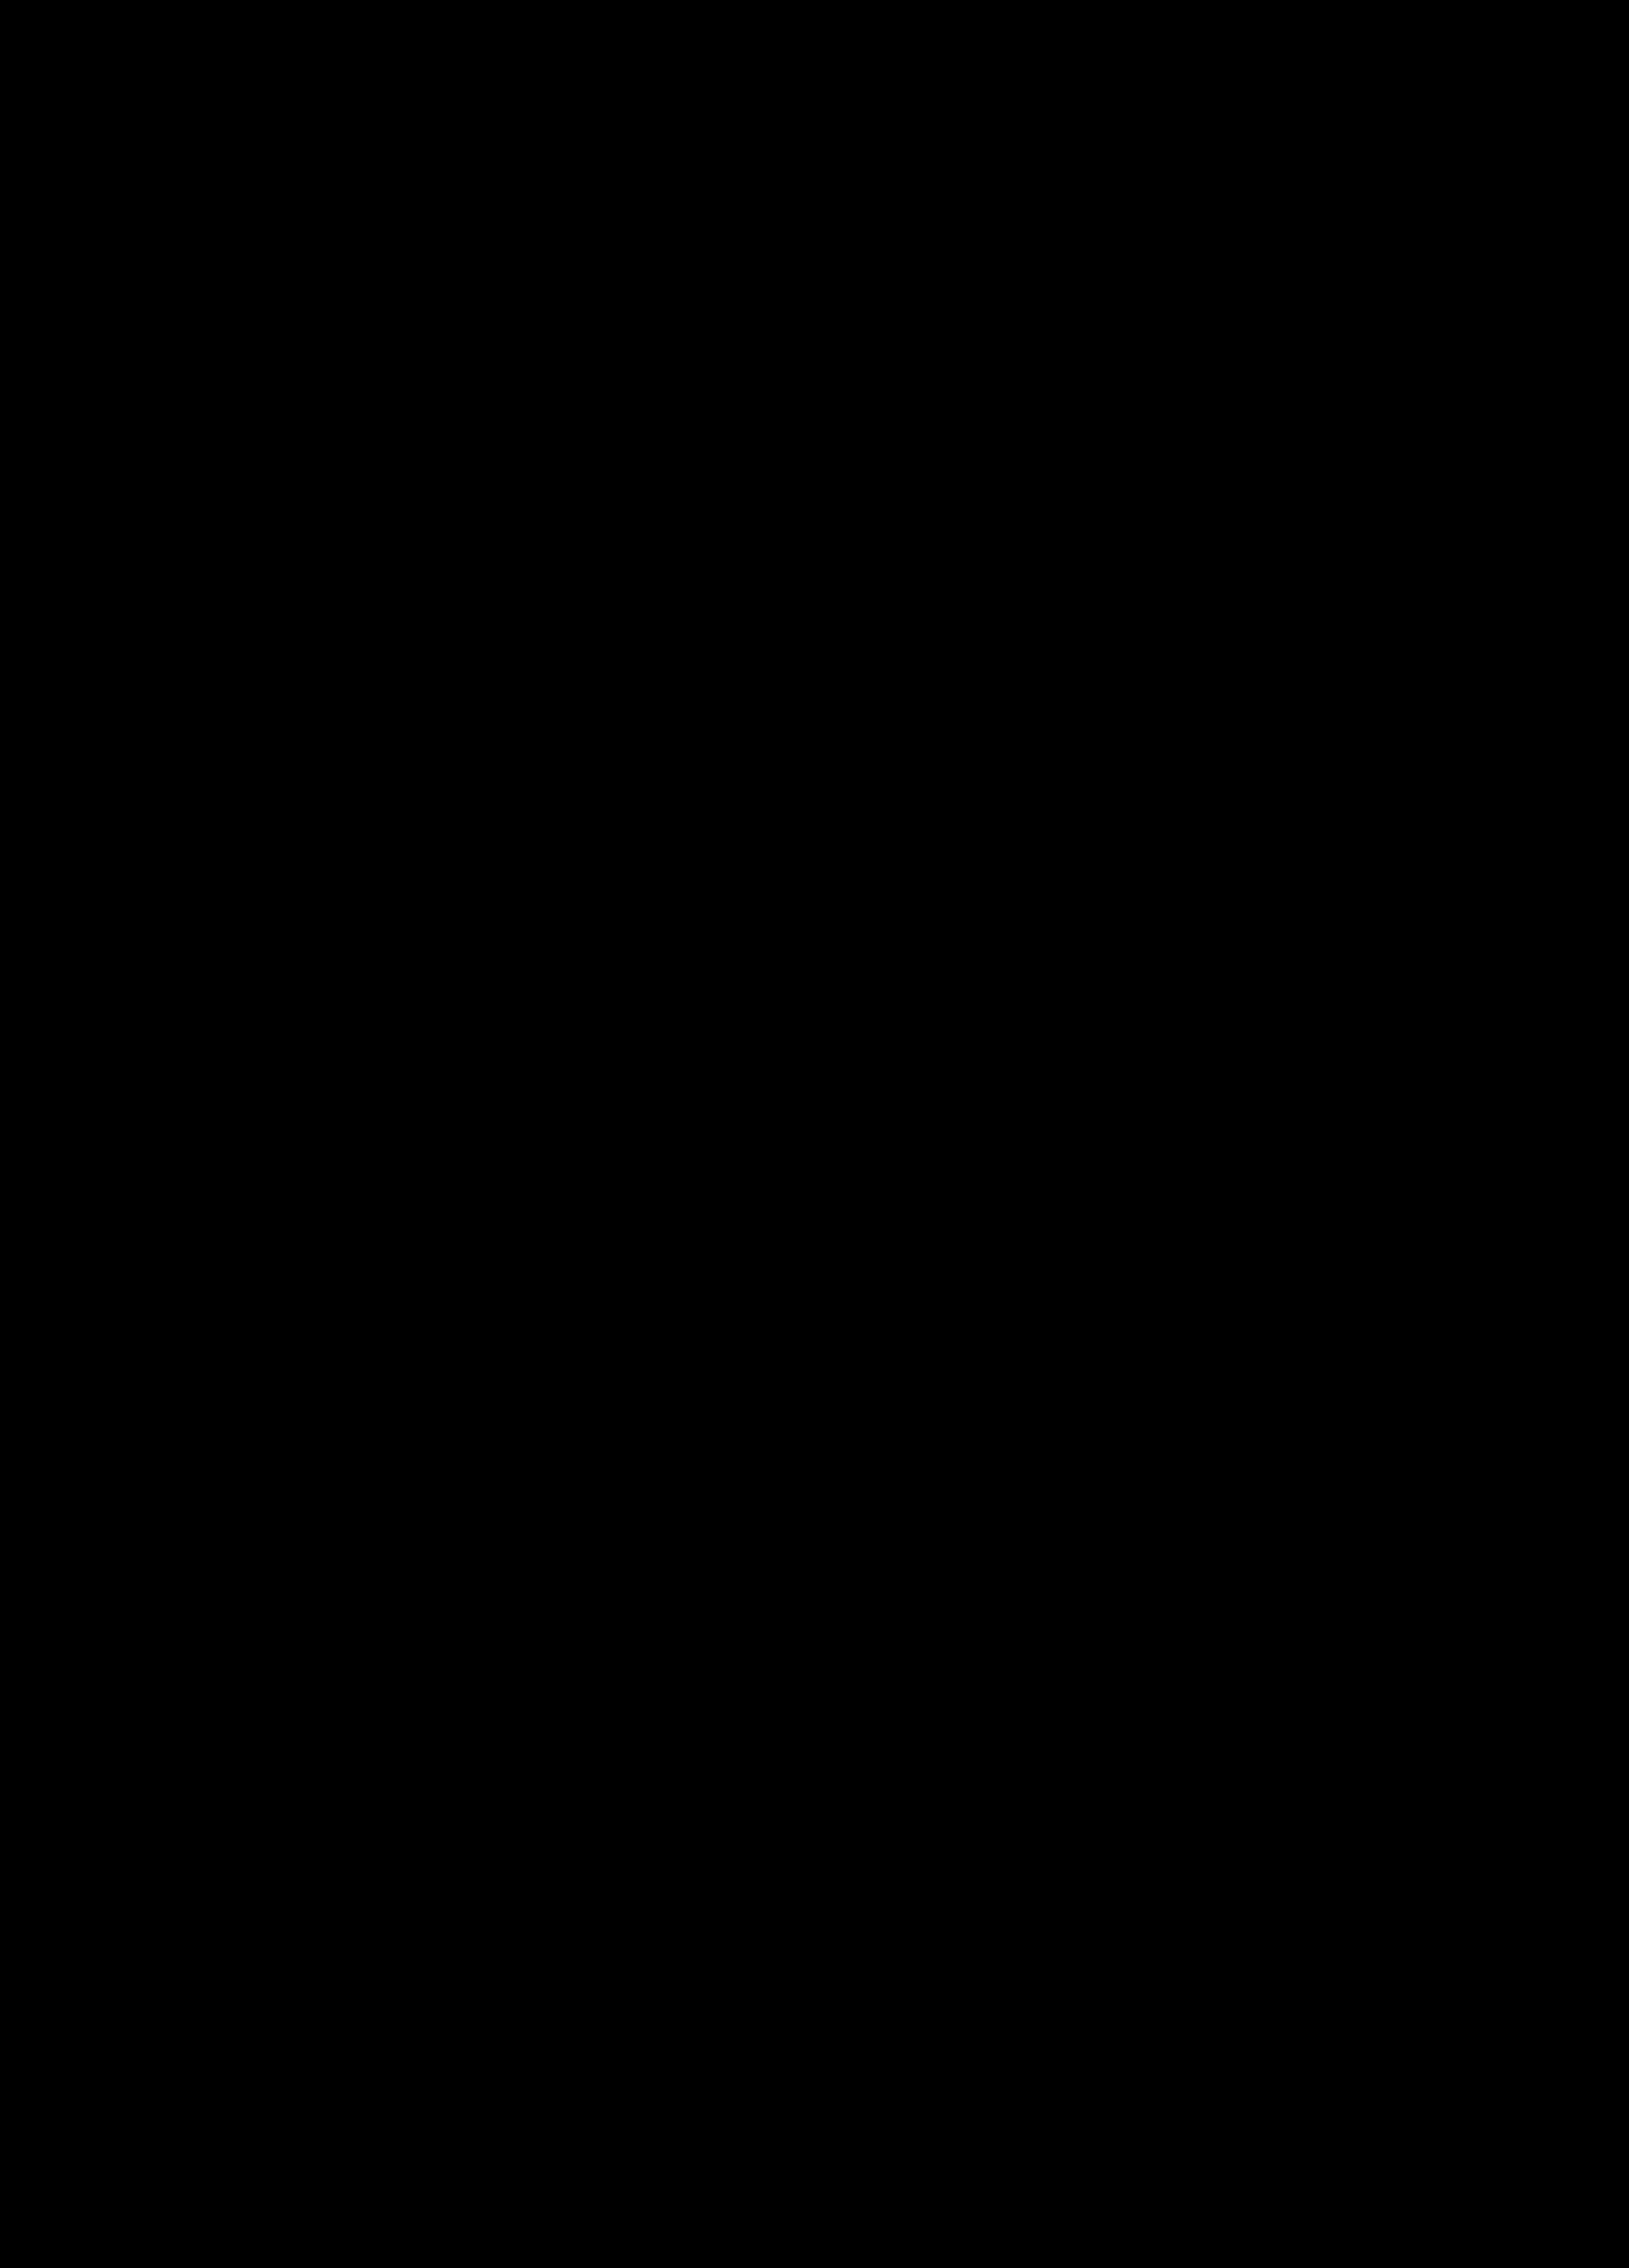 DISCO FEVER – 15th September 2018